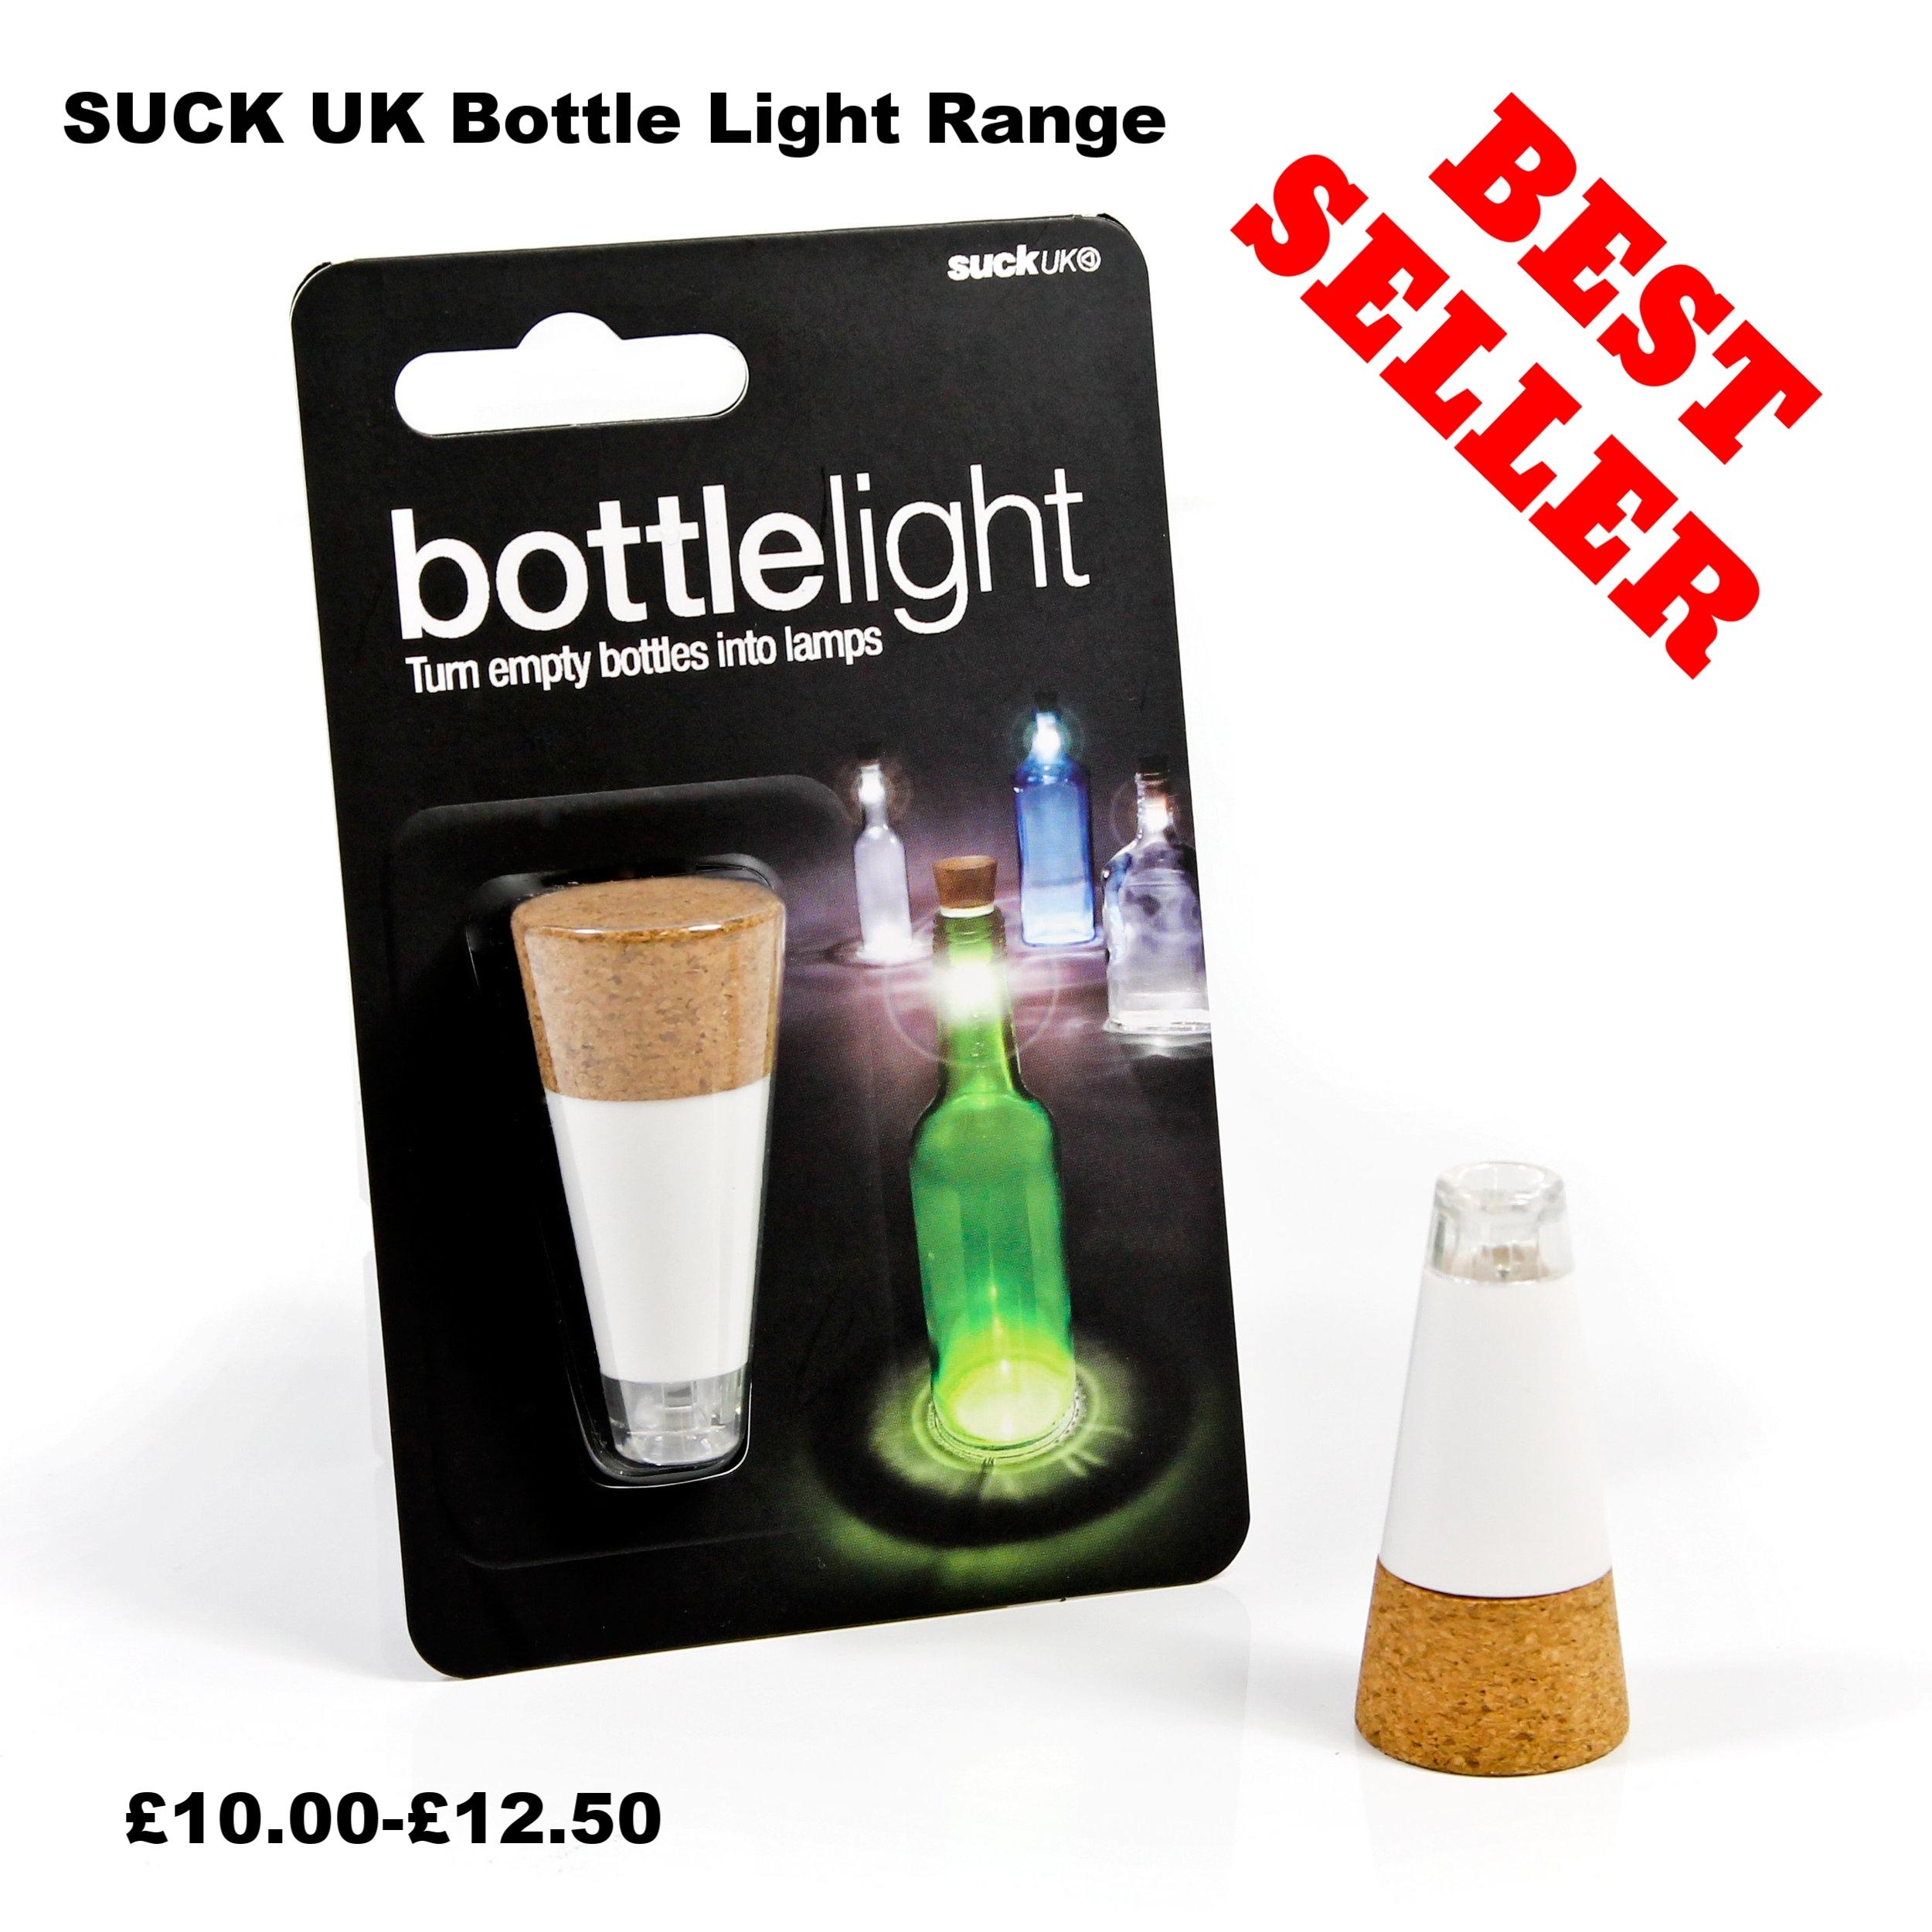 SUCK UK - Bottle Light